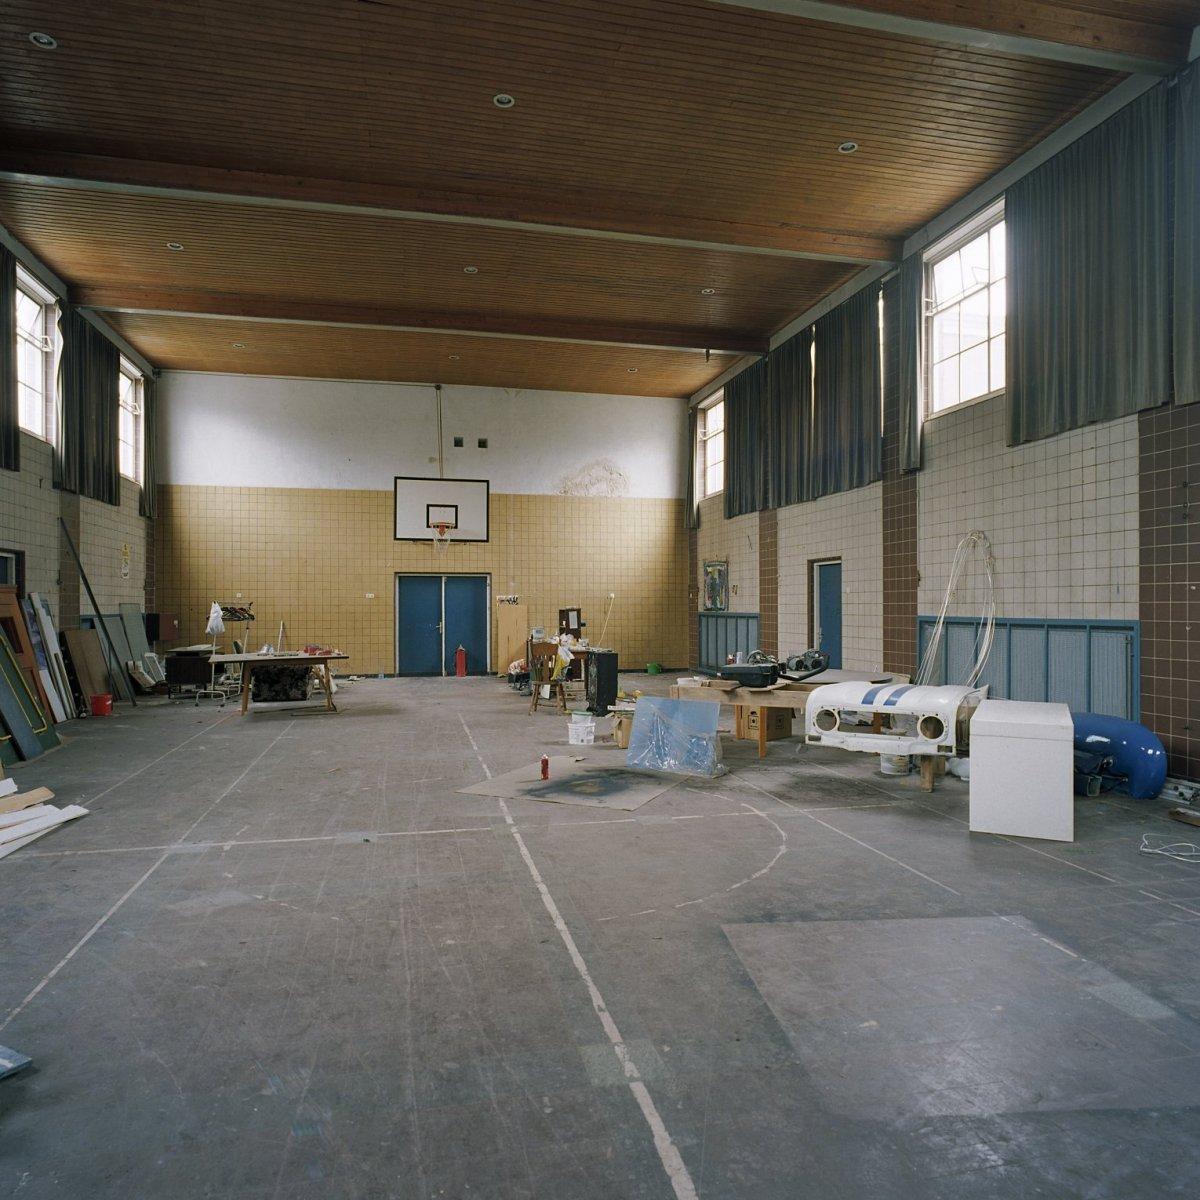 gymzaal - WikiWoordenboek